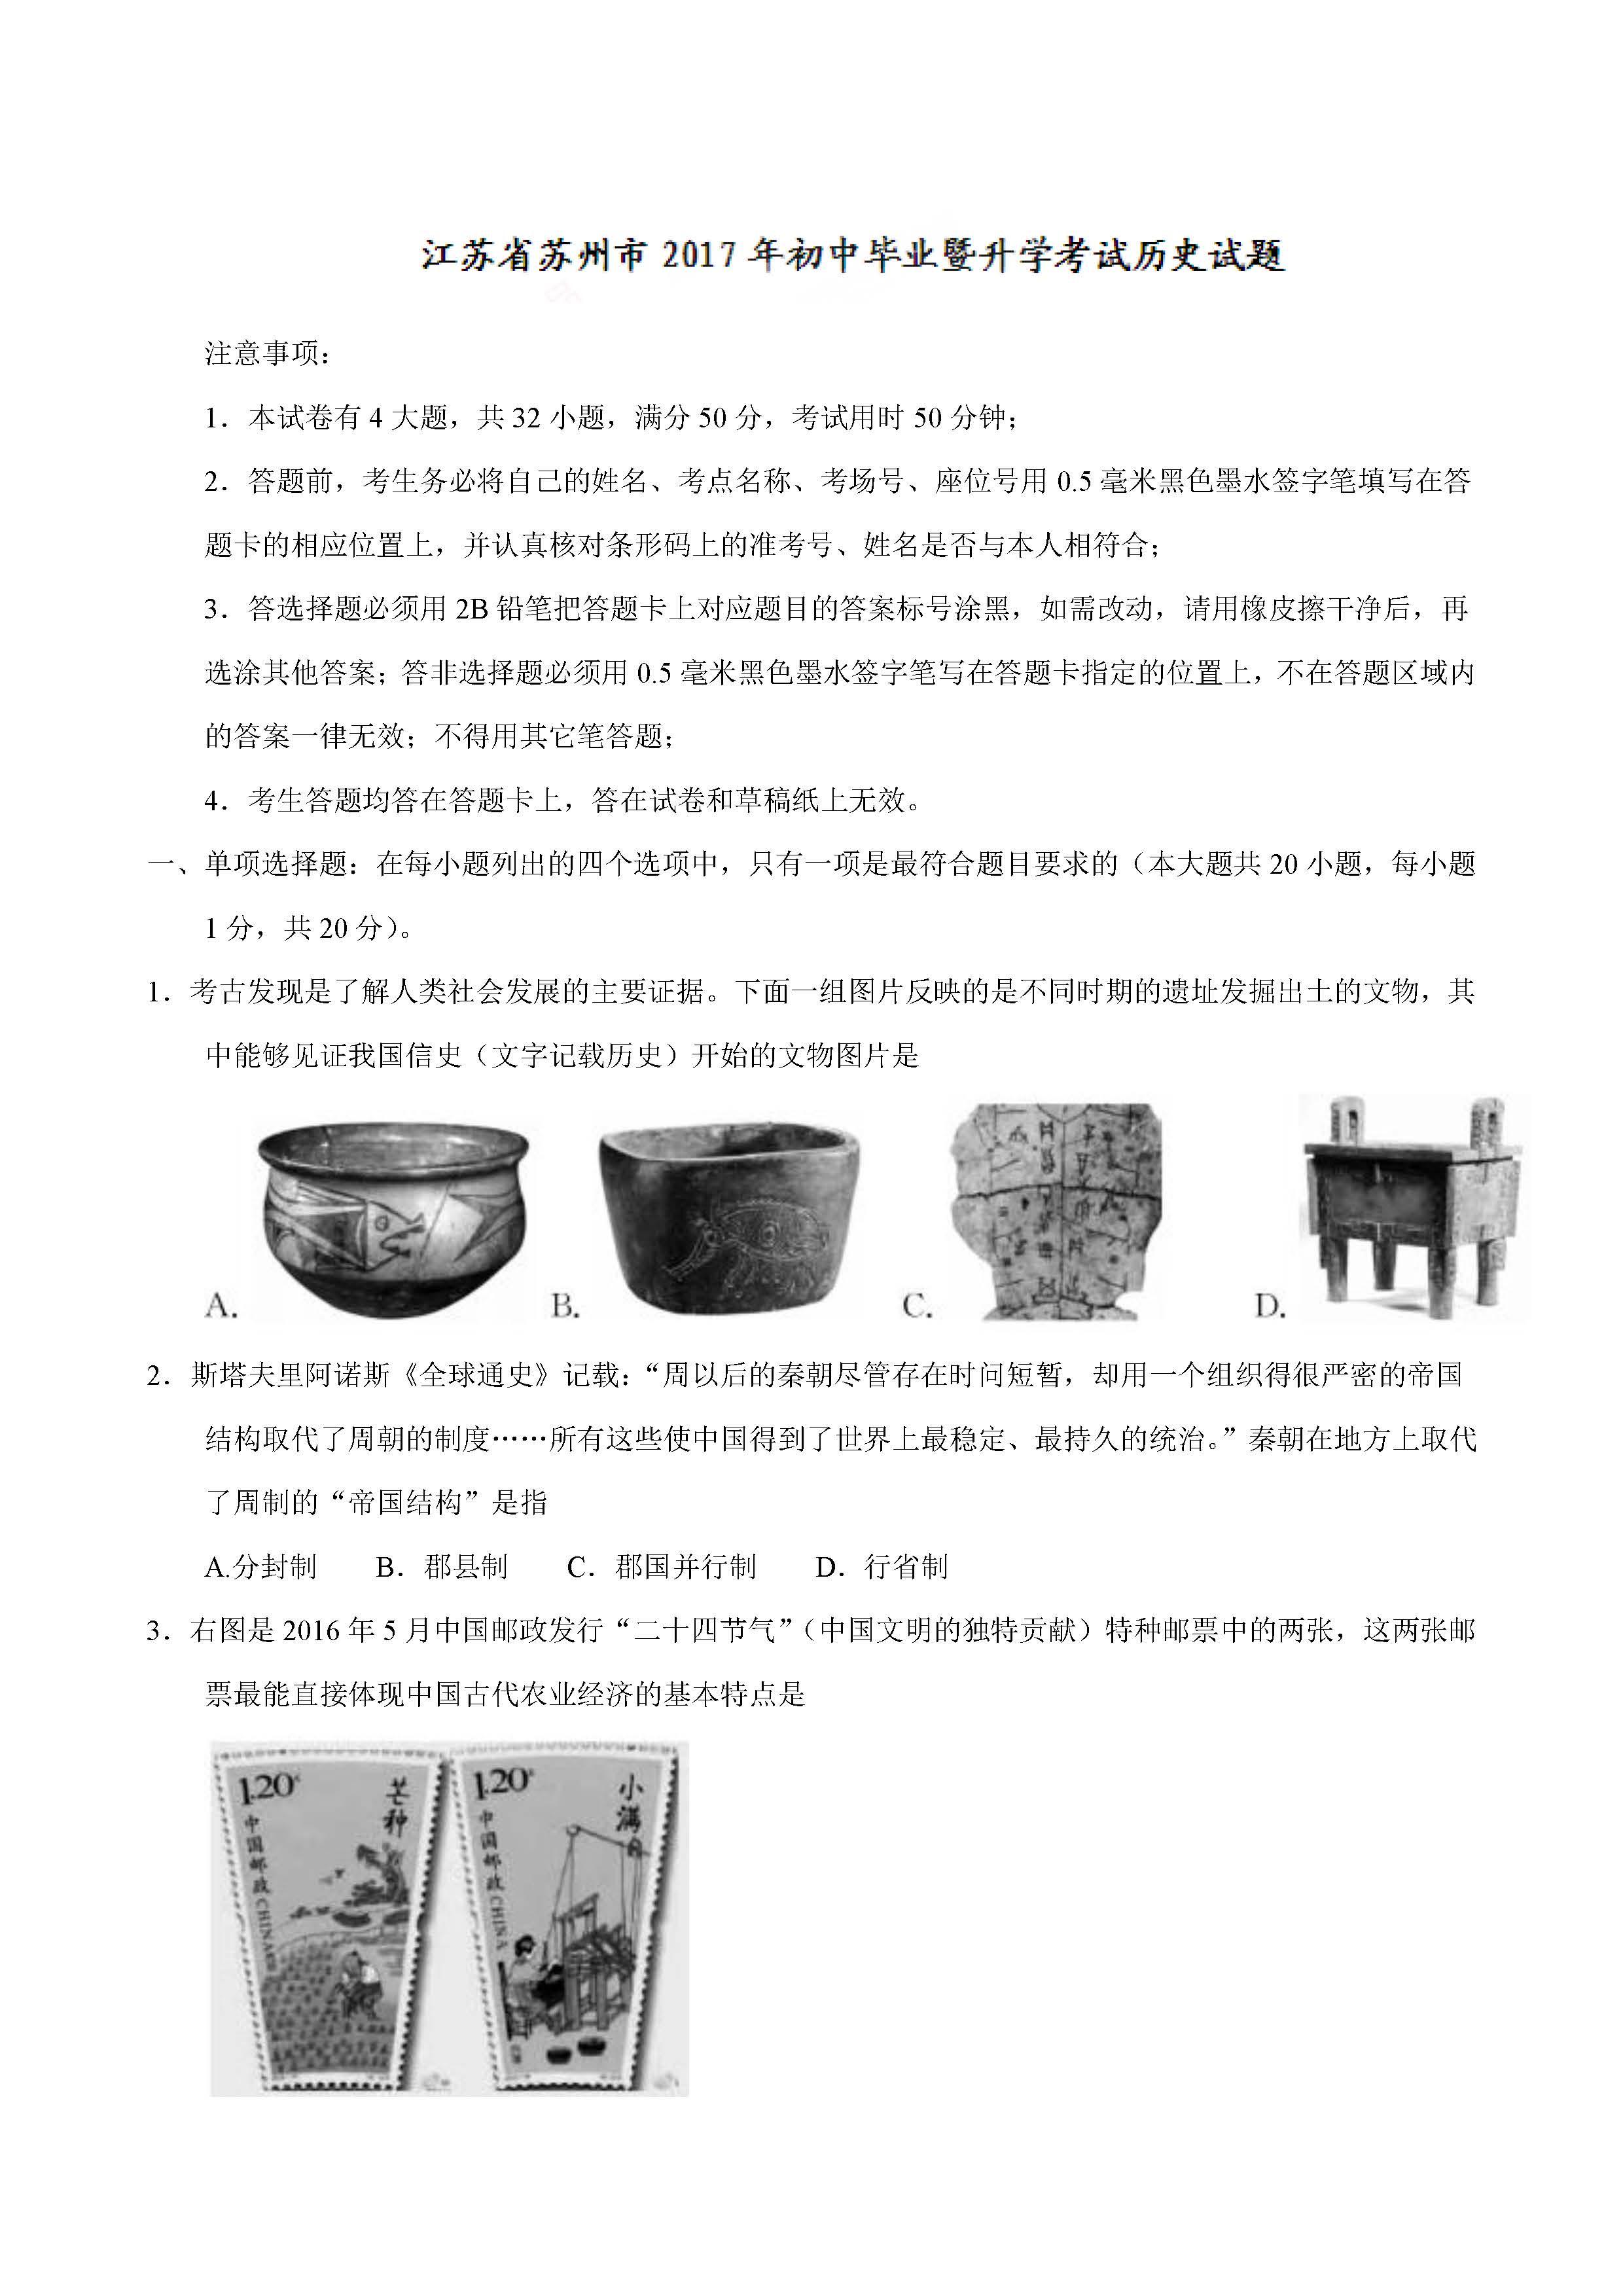 2017苏州中考历史试题及答案解析(图片版含答案)